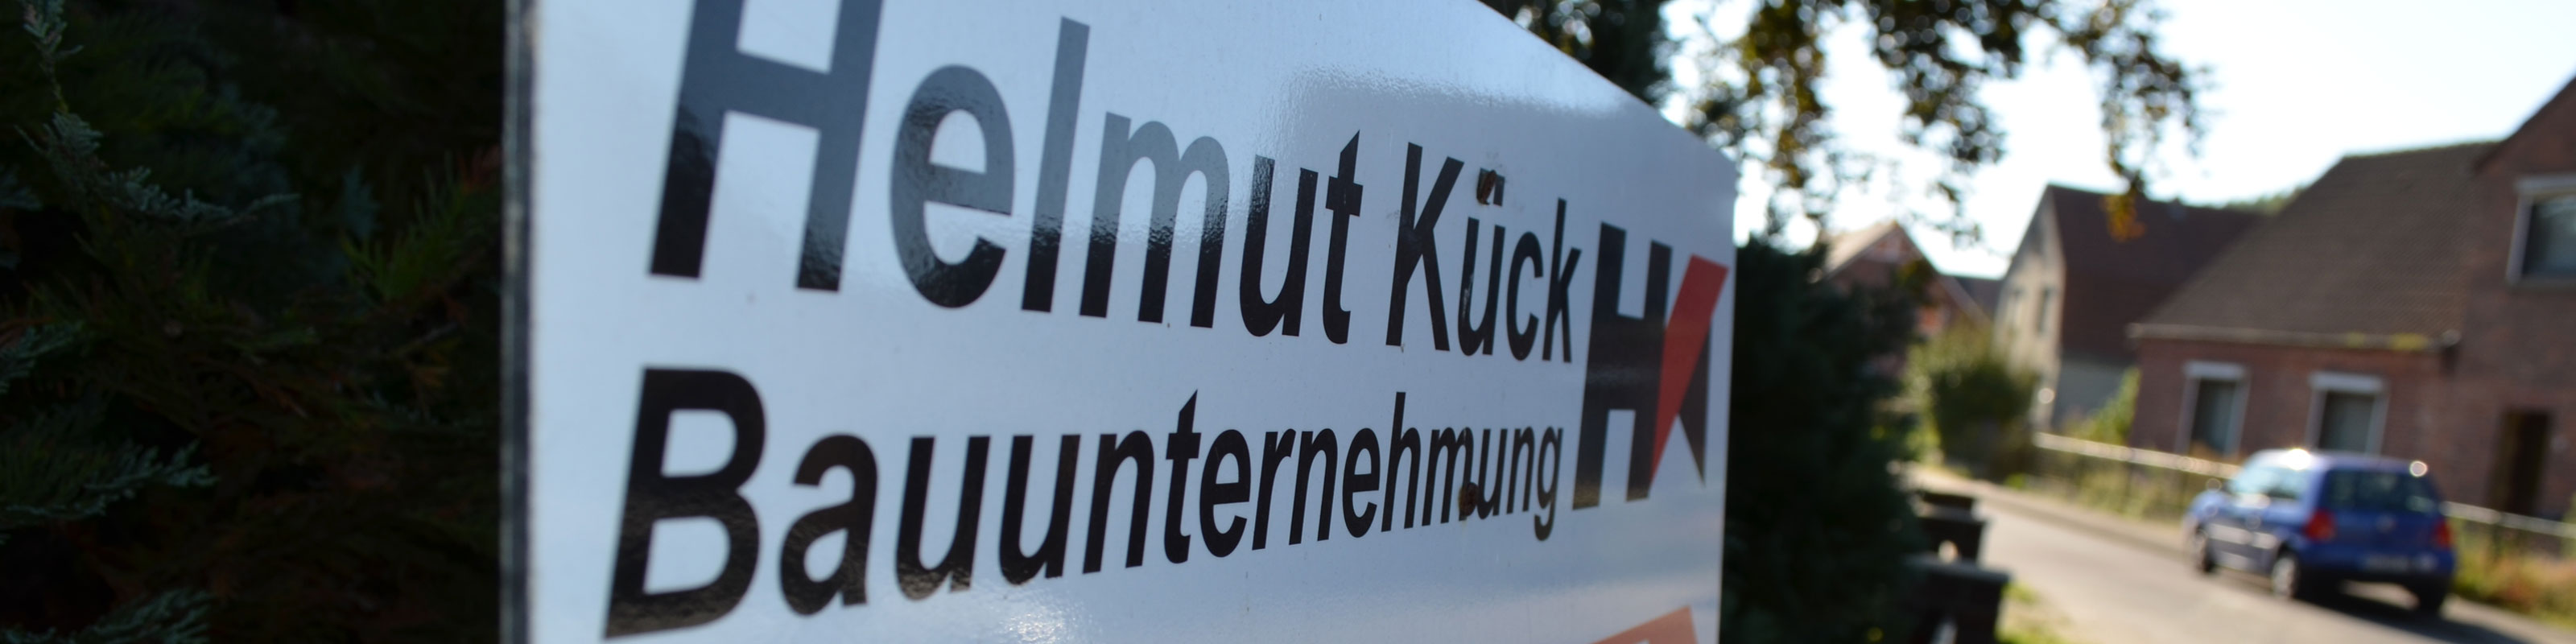 Unternehmen – Helmut Kück Bauunternehmung GmbH